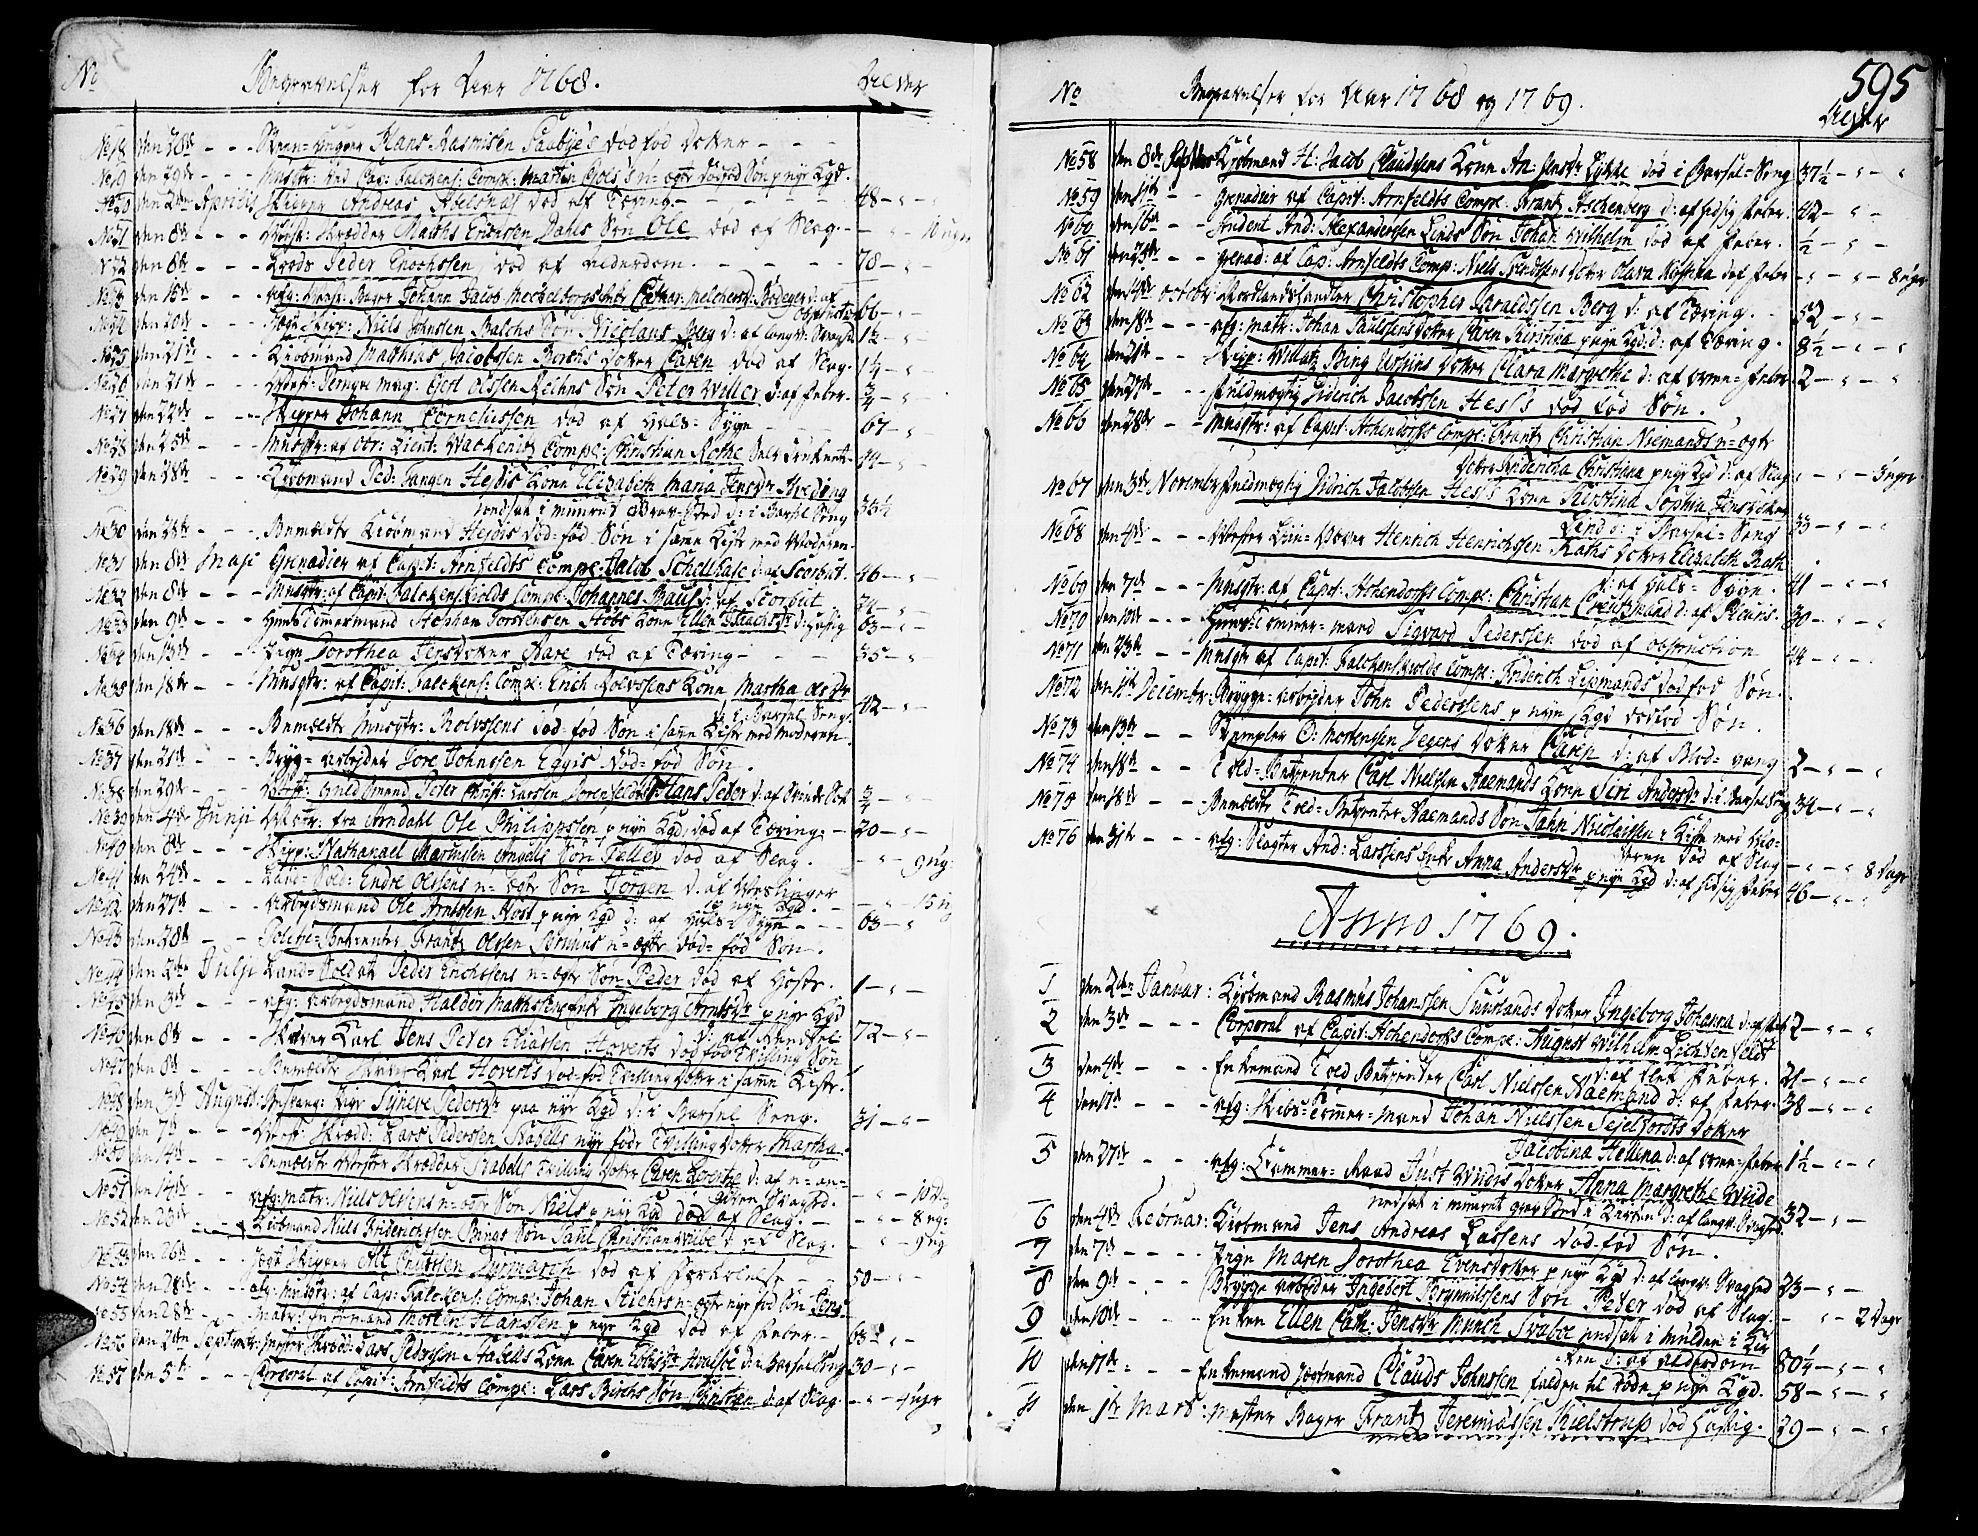 SAT, Ministerialprotokoller, klokkerbøker og fødselsregistre - Sør-Trøndelag, 602/L0103: Ministerialbok nr. 602A01, 1732-1774, s. 595